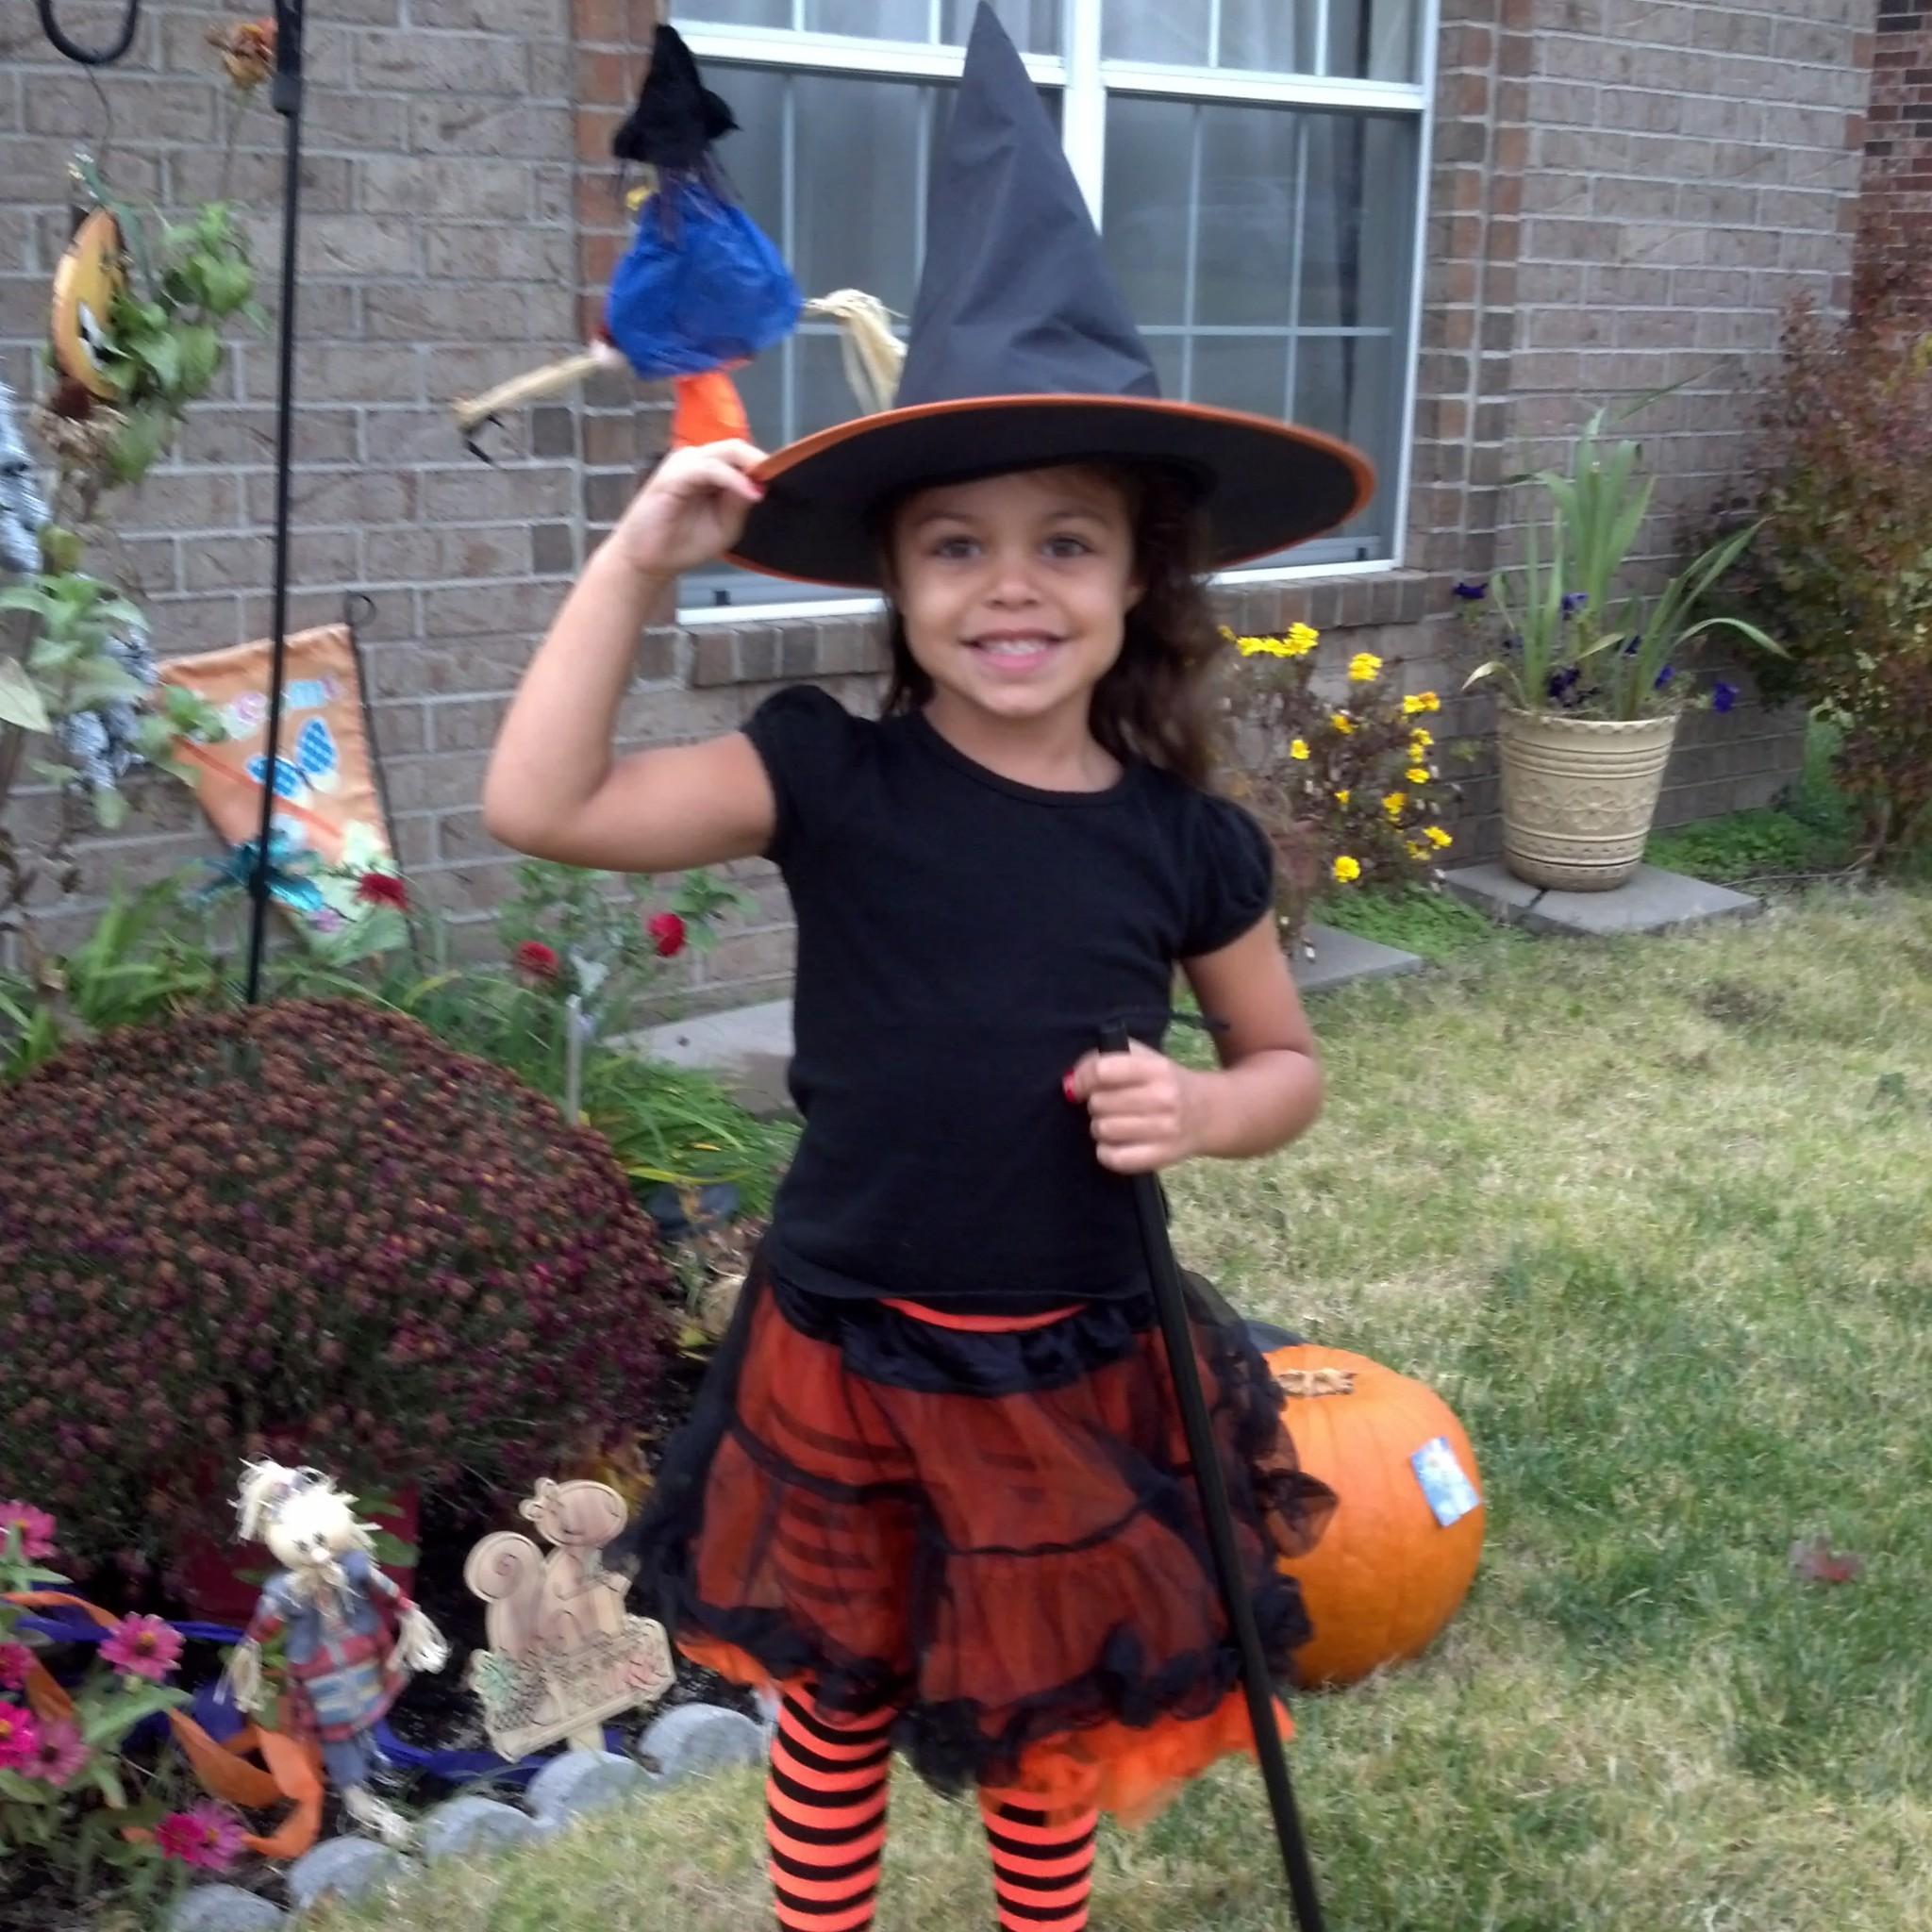 Jaycee Conley, Age 4